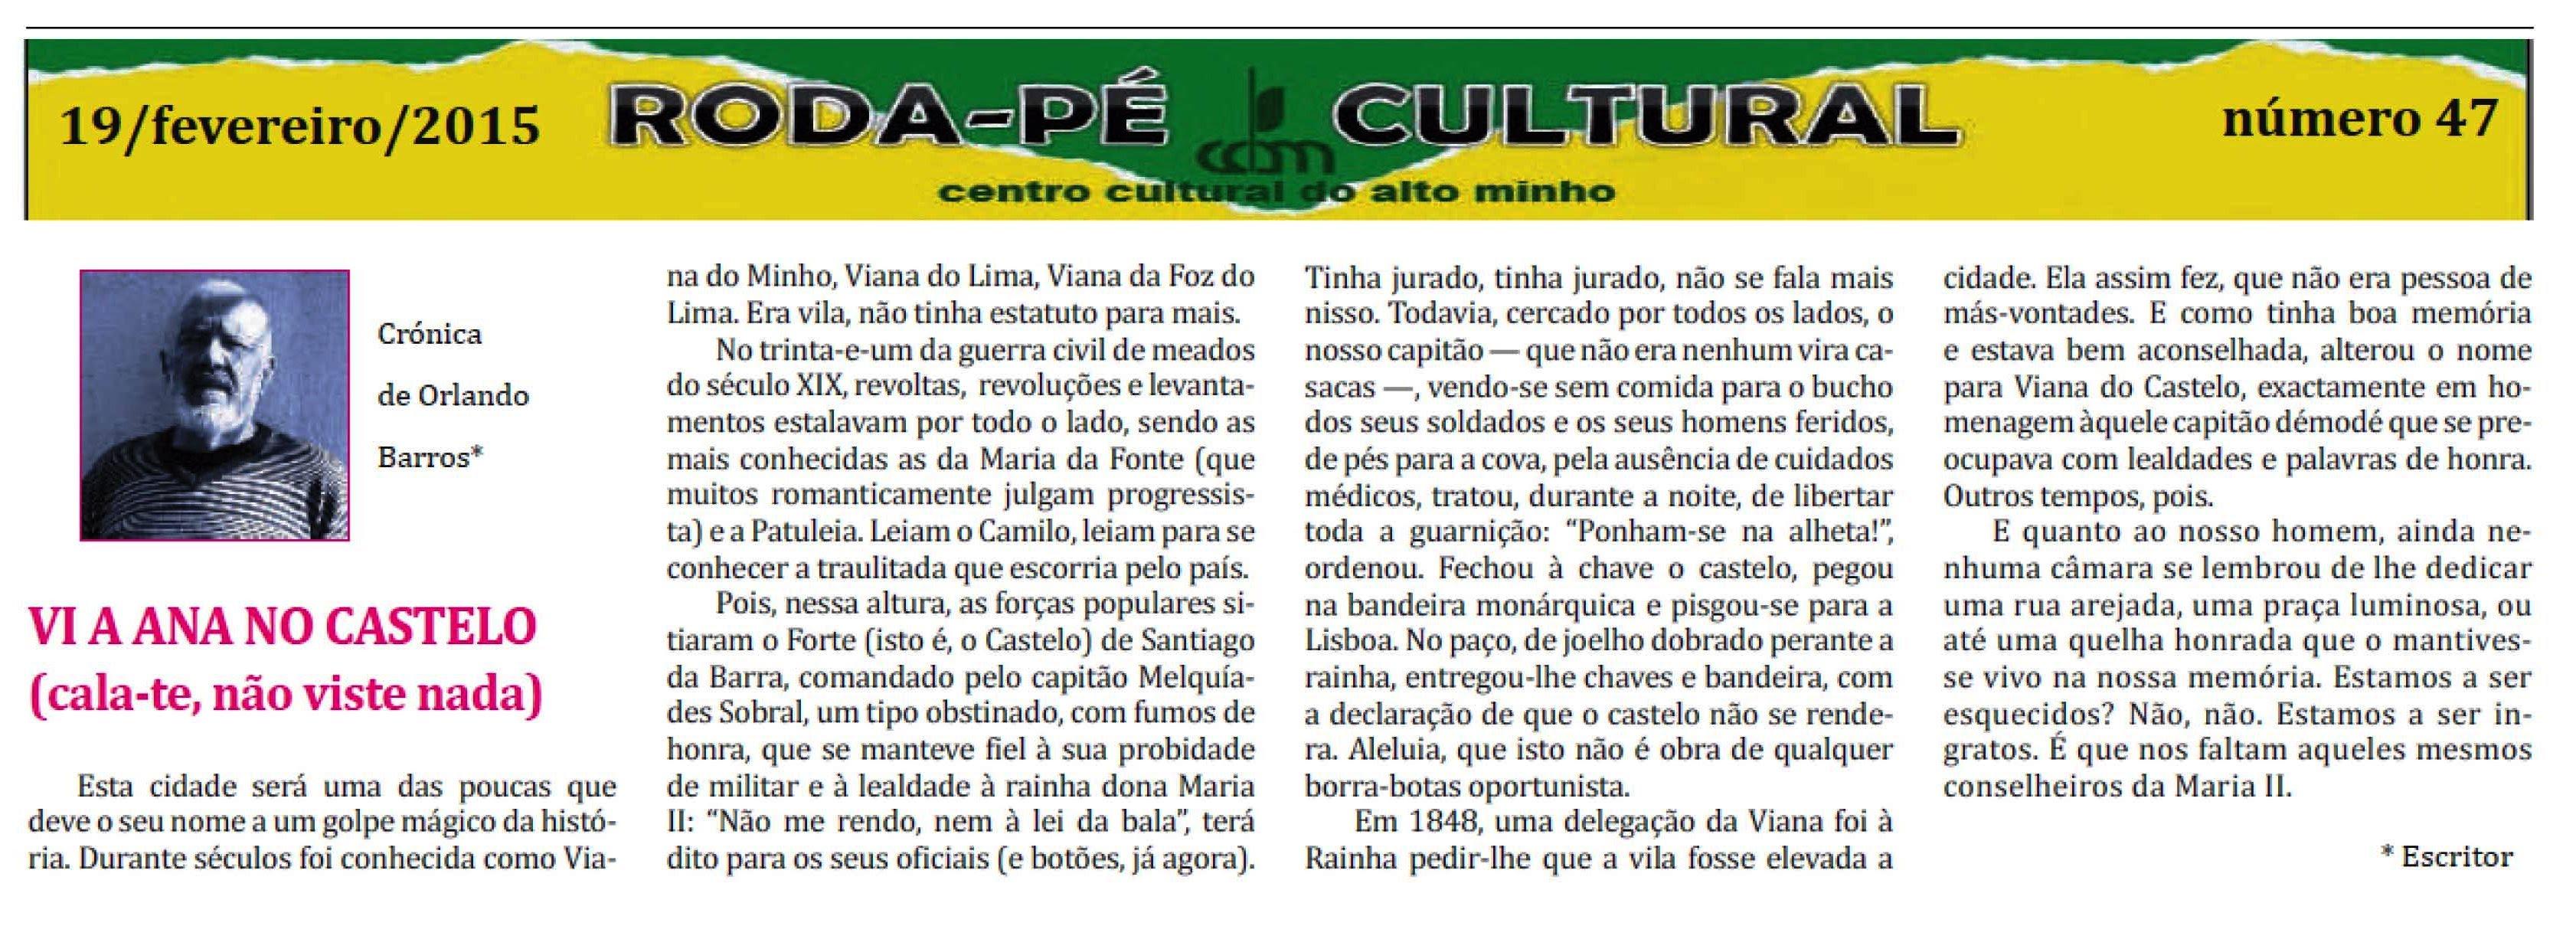 https://sites.google.com/a/centroculturaldoaltominho.org/ccam/actividades-realizadas/2015/Rp_47.jpg